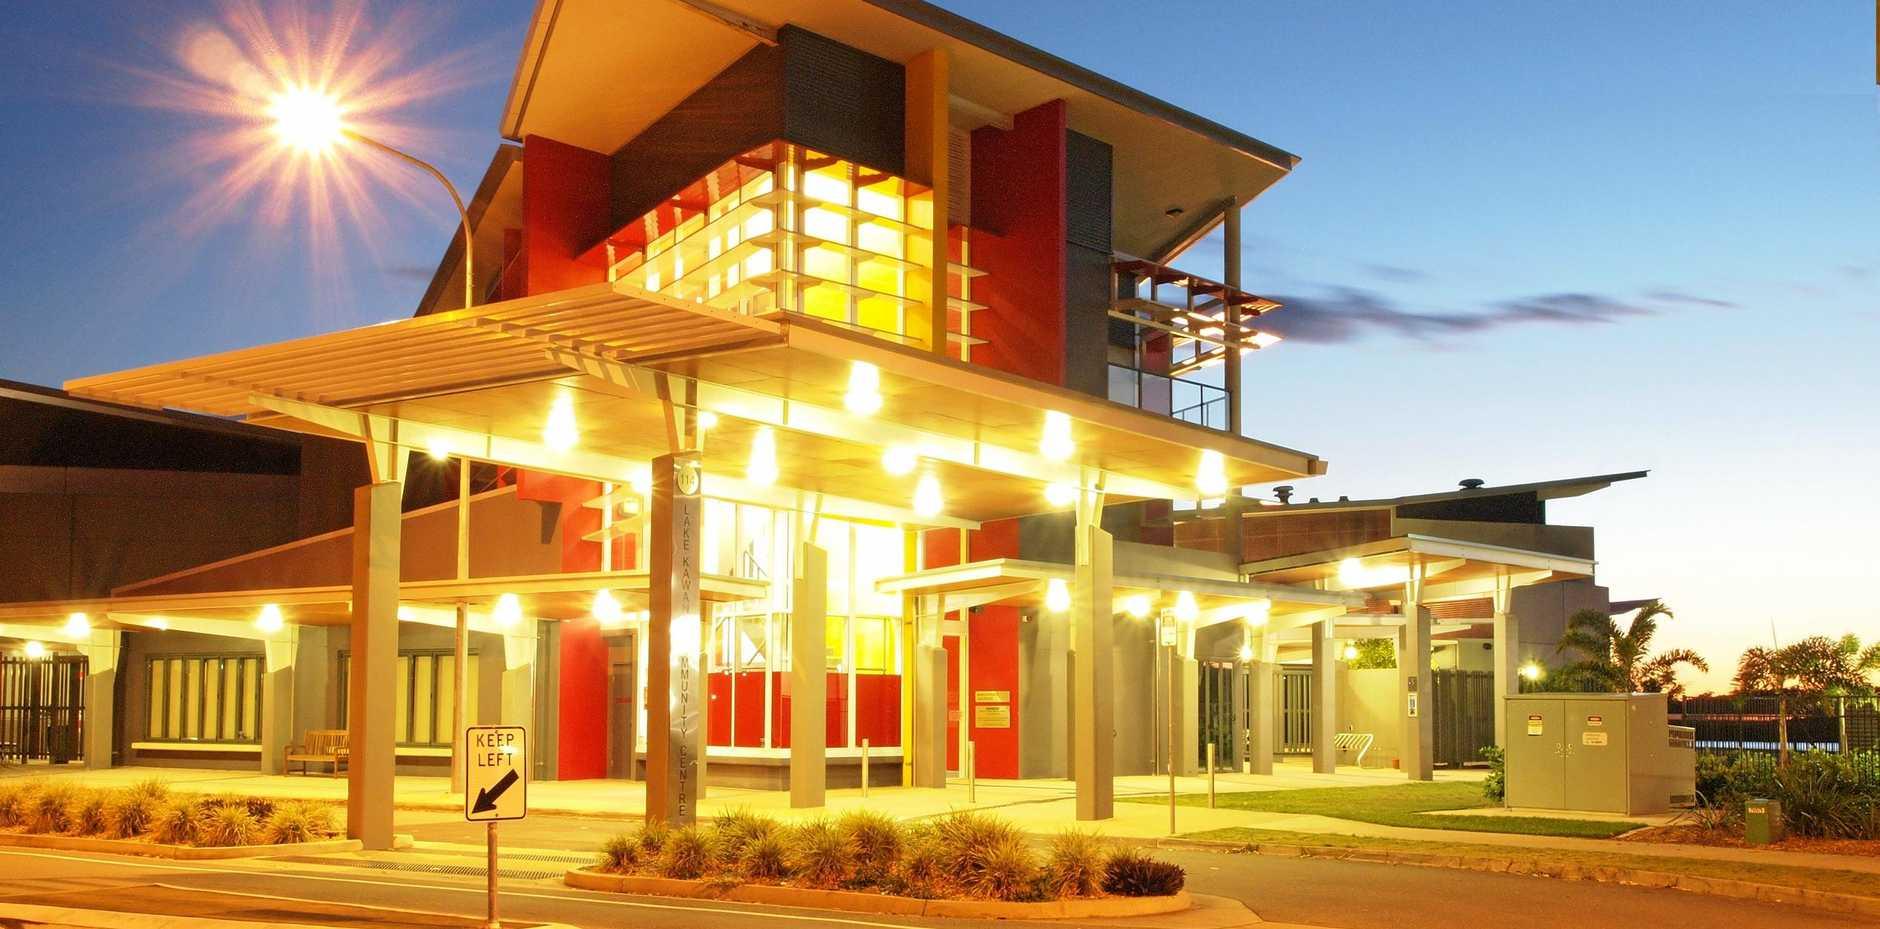 The Lake Kawana Community Centre has been renamed Venue 114.